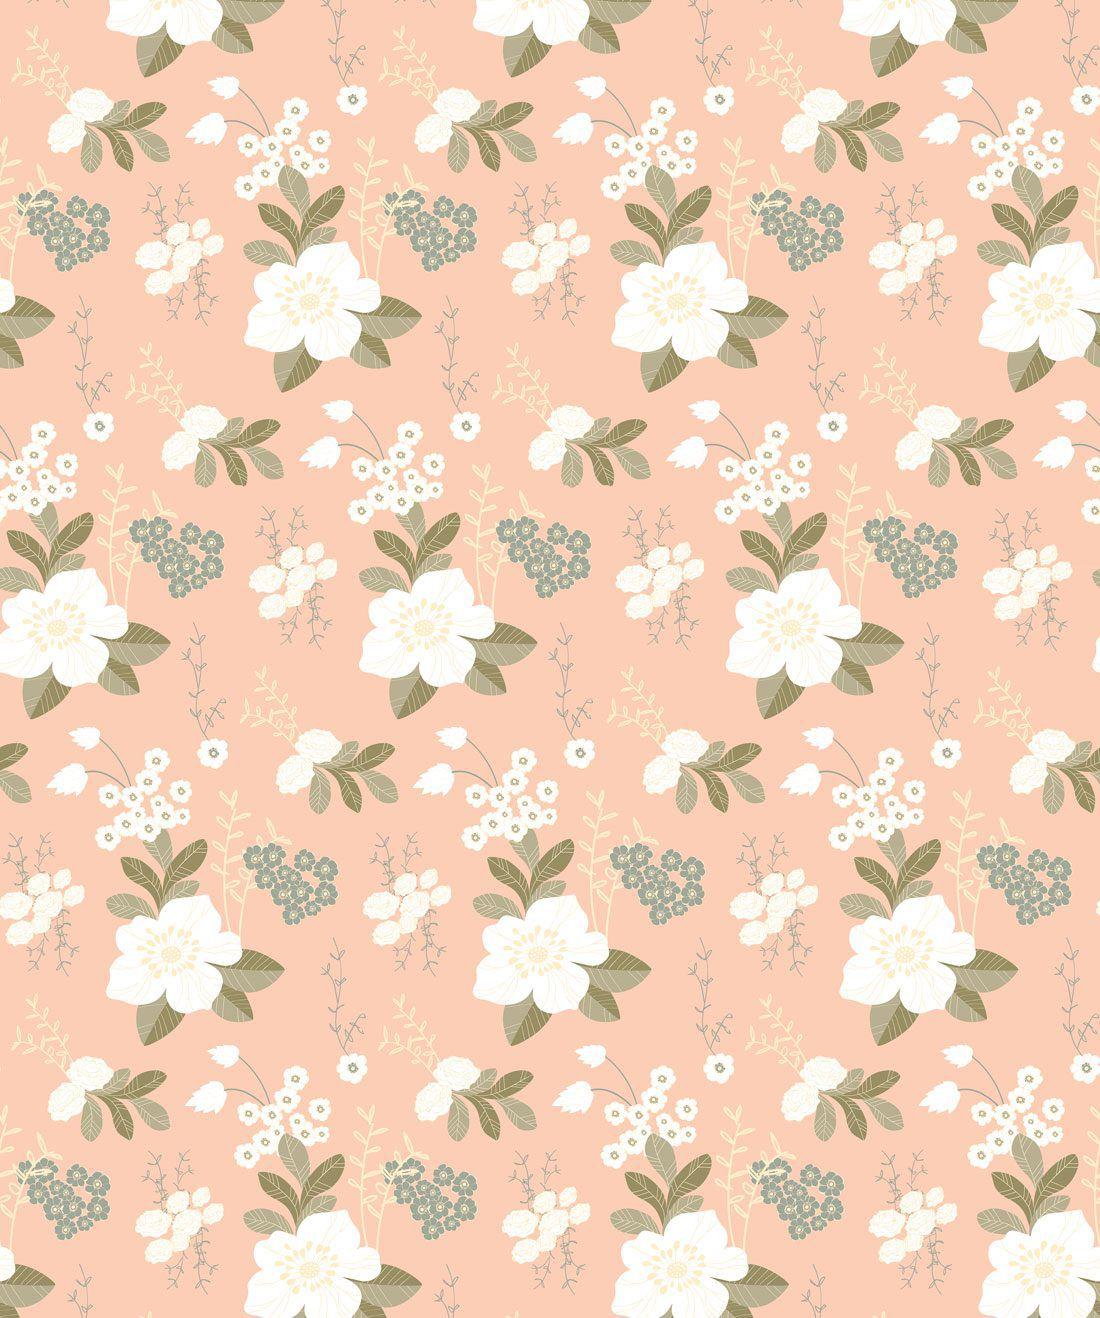 Flower Garden - Peachy Wallpaper